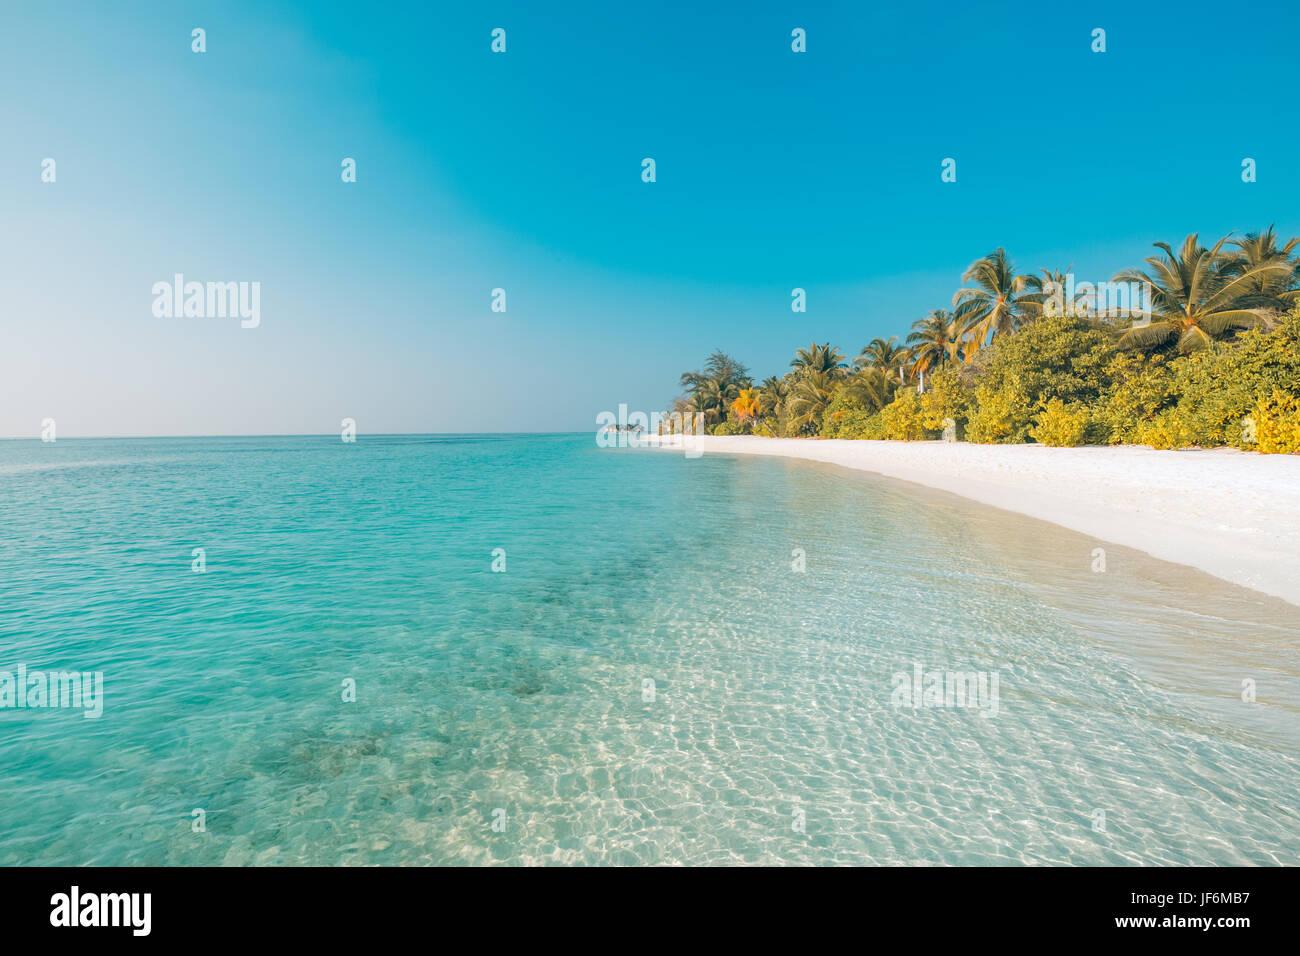 Perfekte Strand sehen. Sommerurlaub und Urlaub Design. Inspirational tropischen Strand, Palmen und weißem Sand. Stockbild